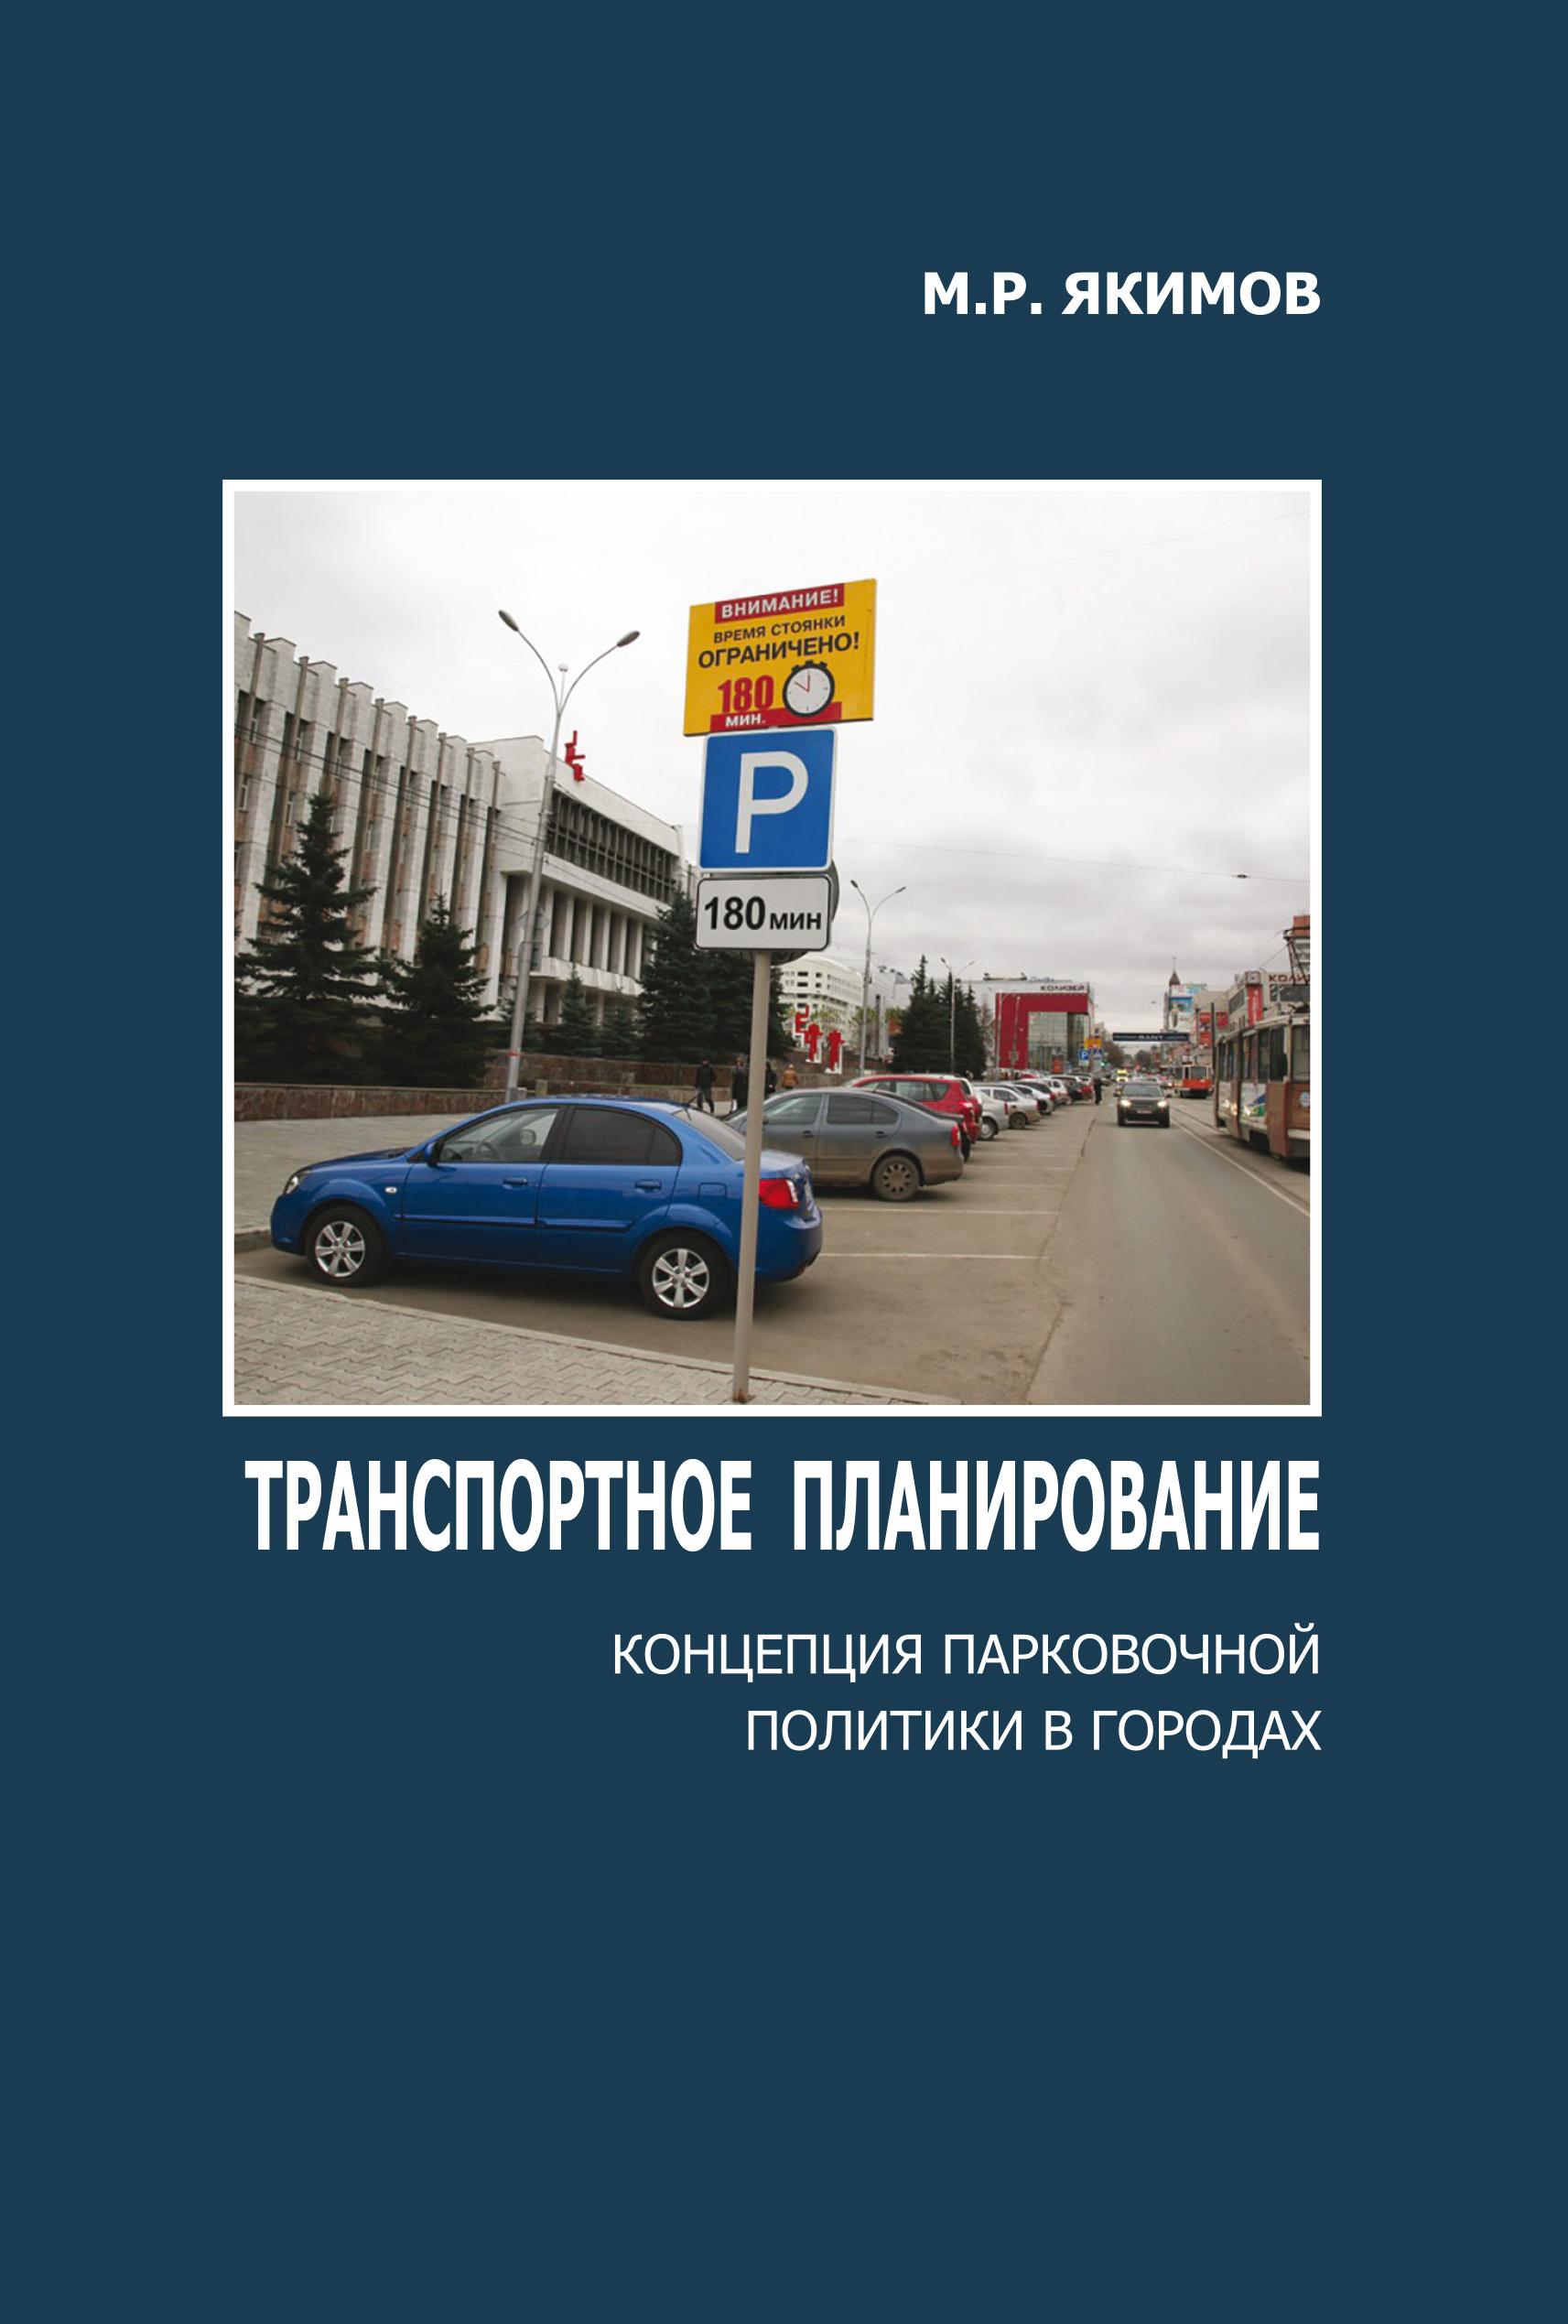 Обложка книги Транспортное планирование. Концепция парковочной политики в городах